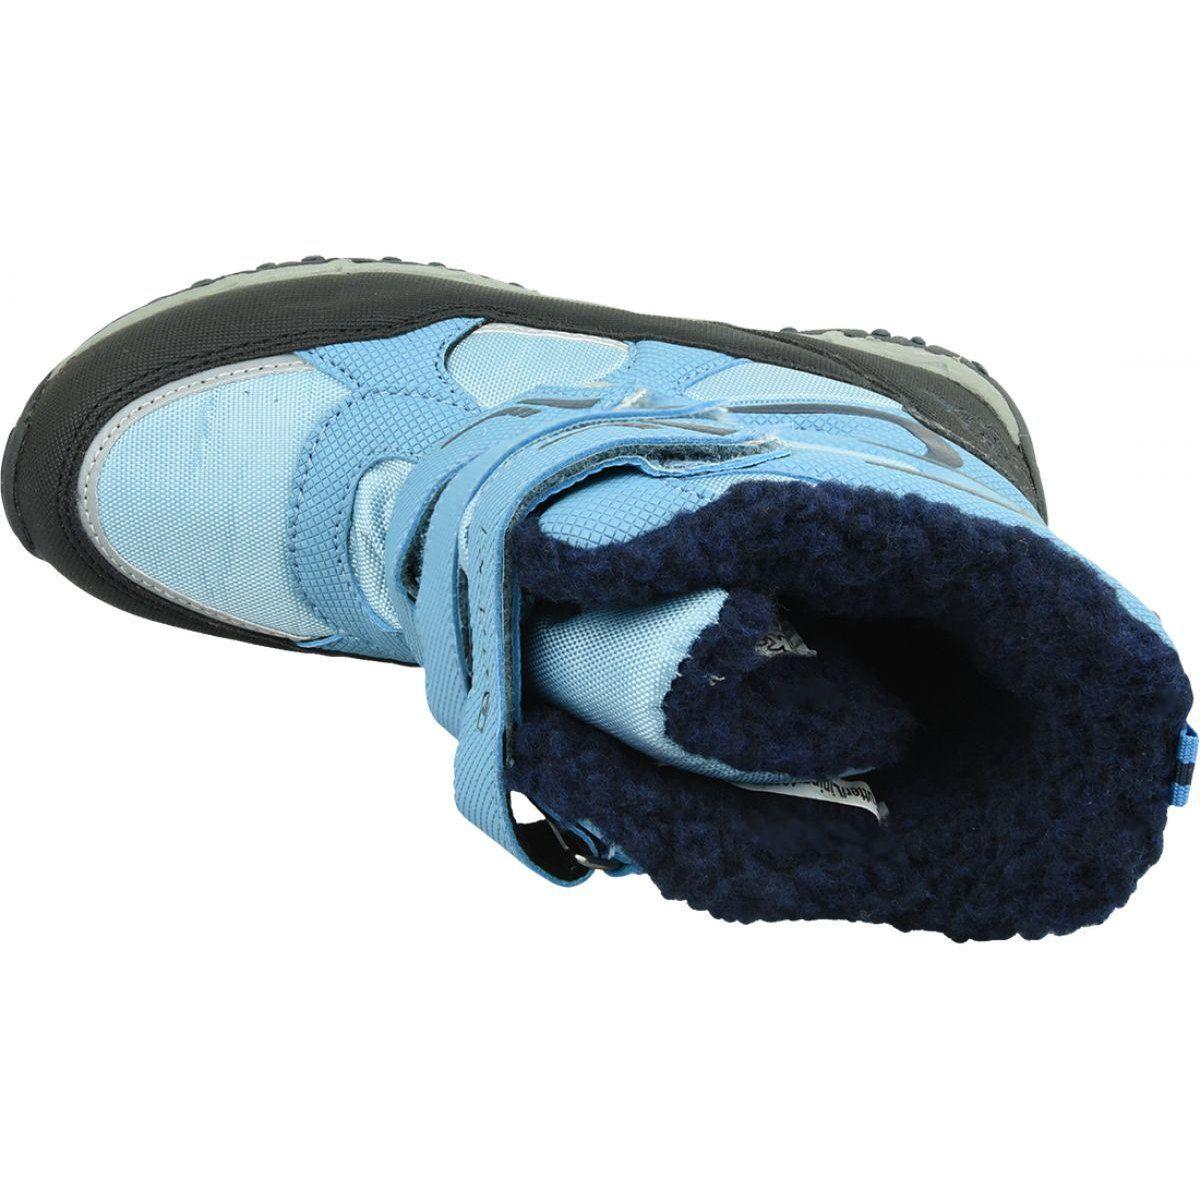 Buty Sportowe Dzieciece Dla Dzieci Innamarka Buty Zimowe Kappa Great Tex Jr 260558k 6467 Niebieskie Winter Boots Winter Shoes Kid Shoes